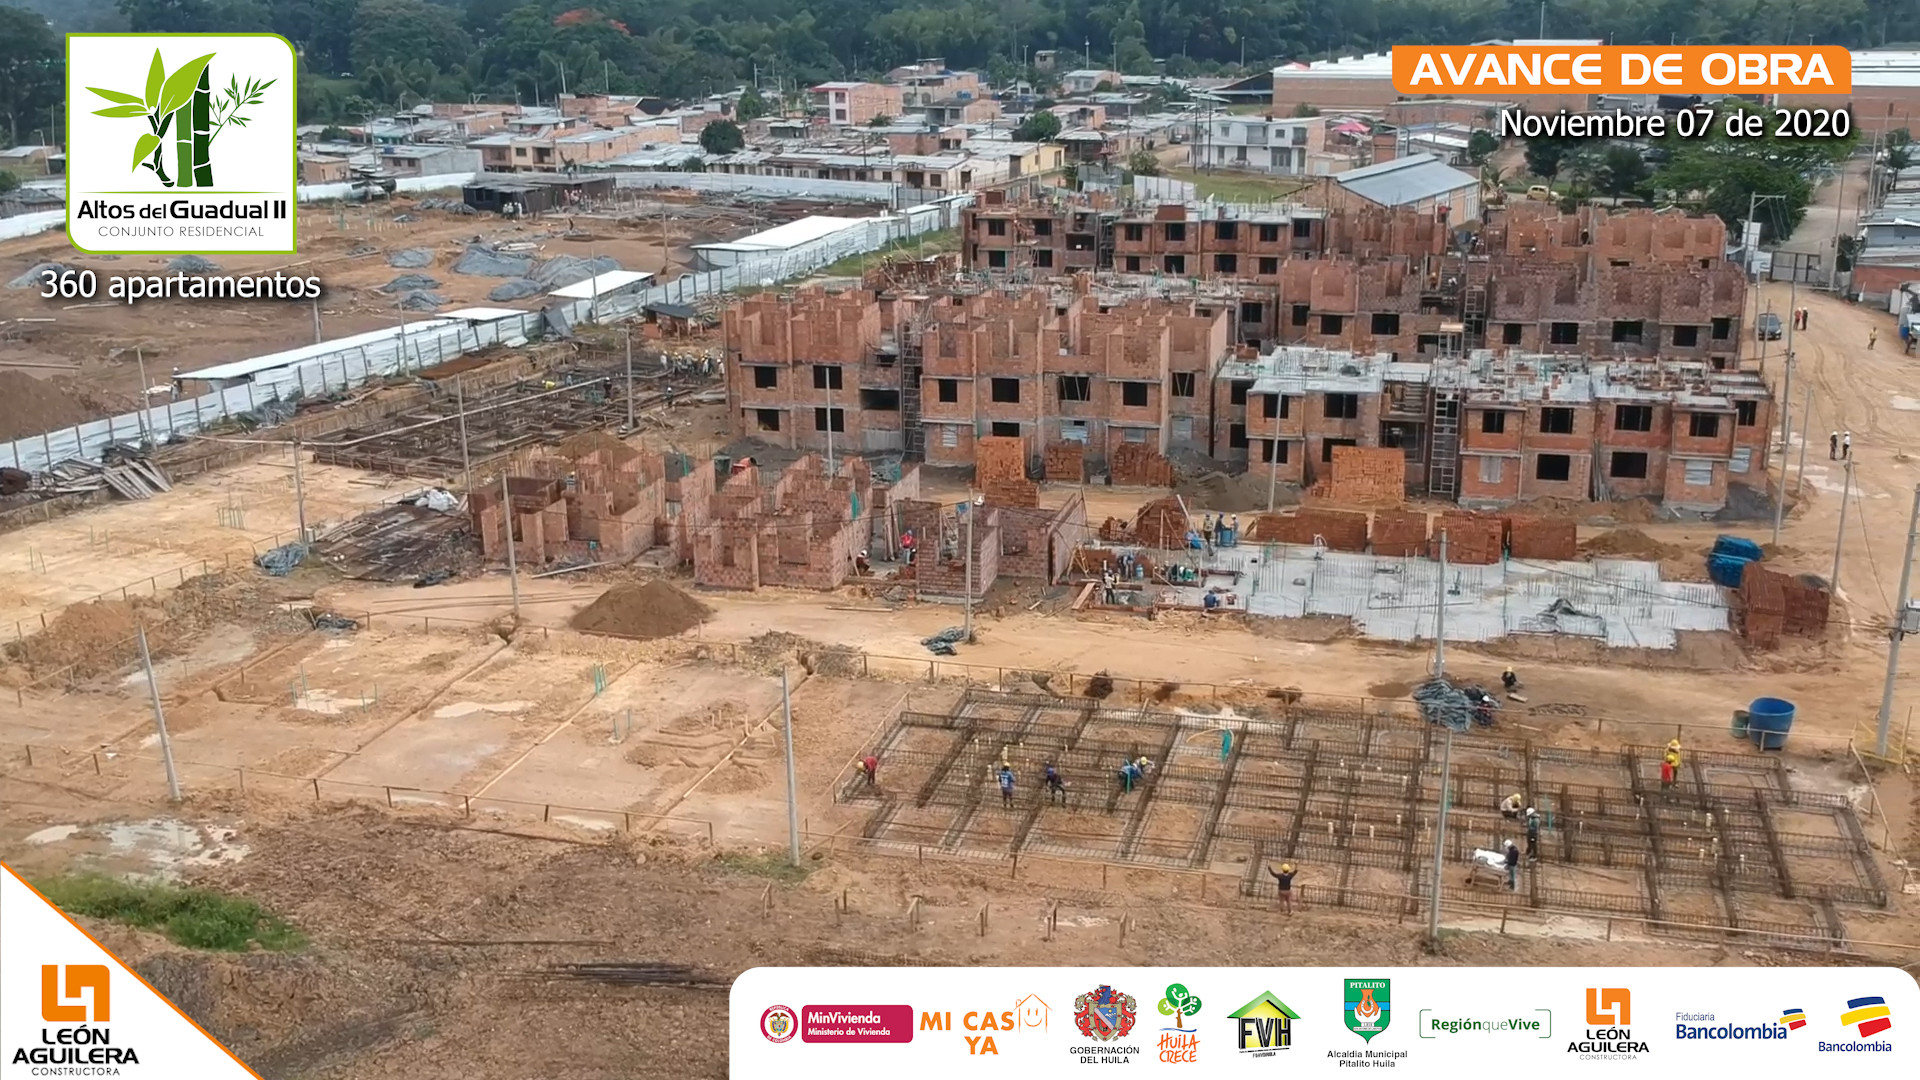 Altos del Guadual 2 - avance de obra